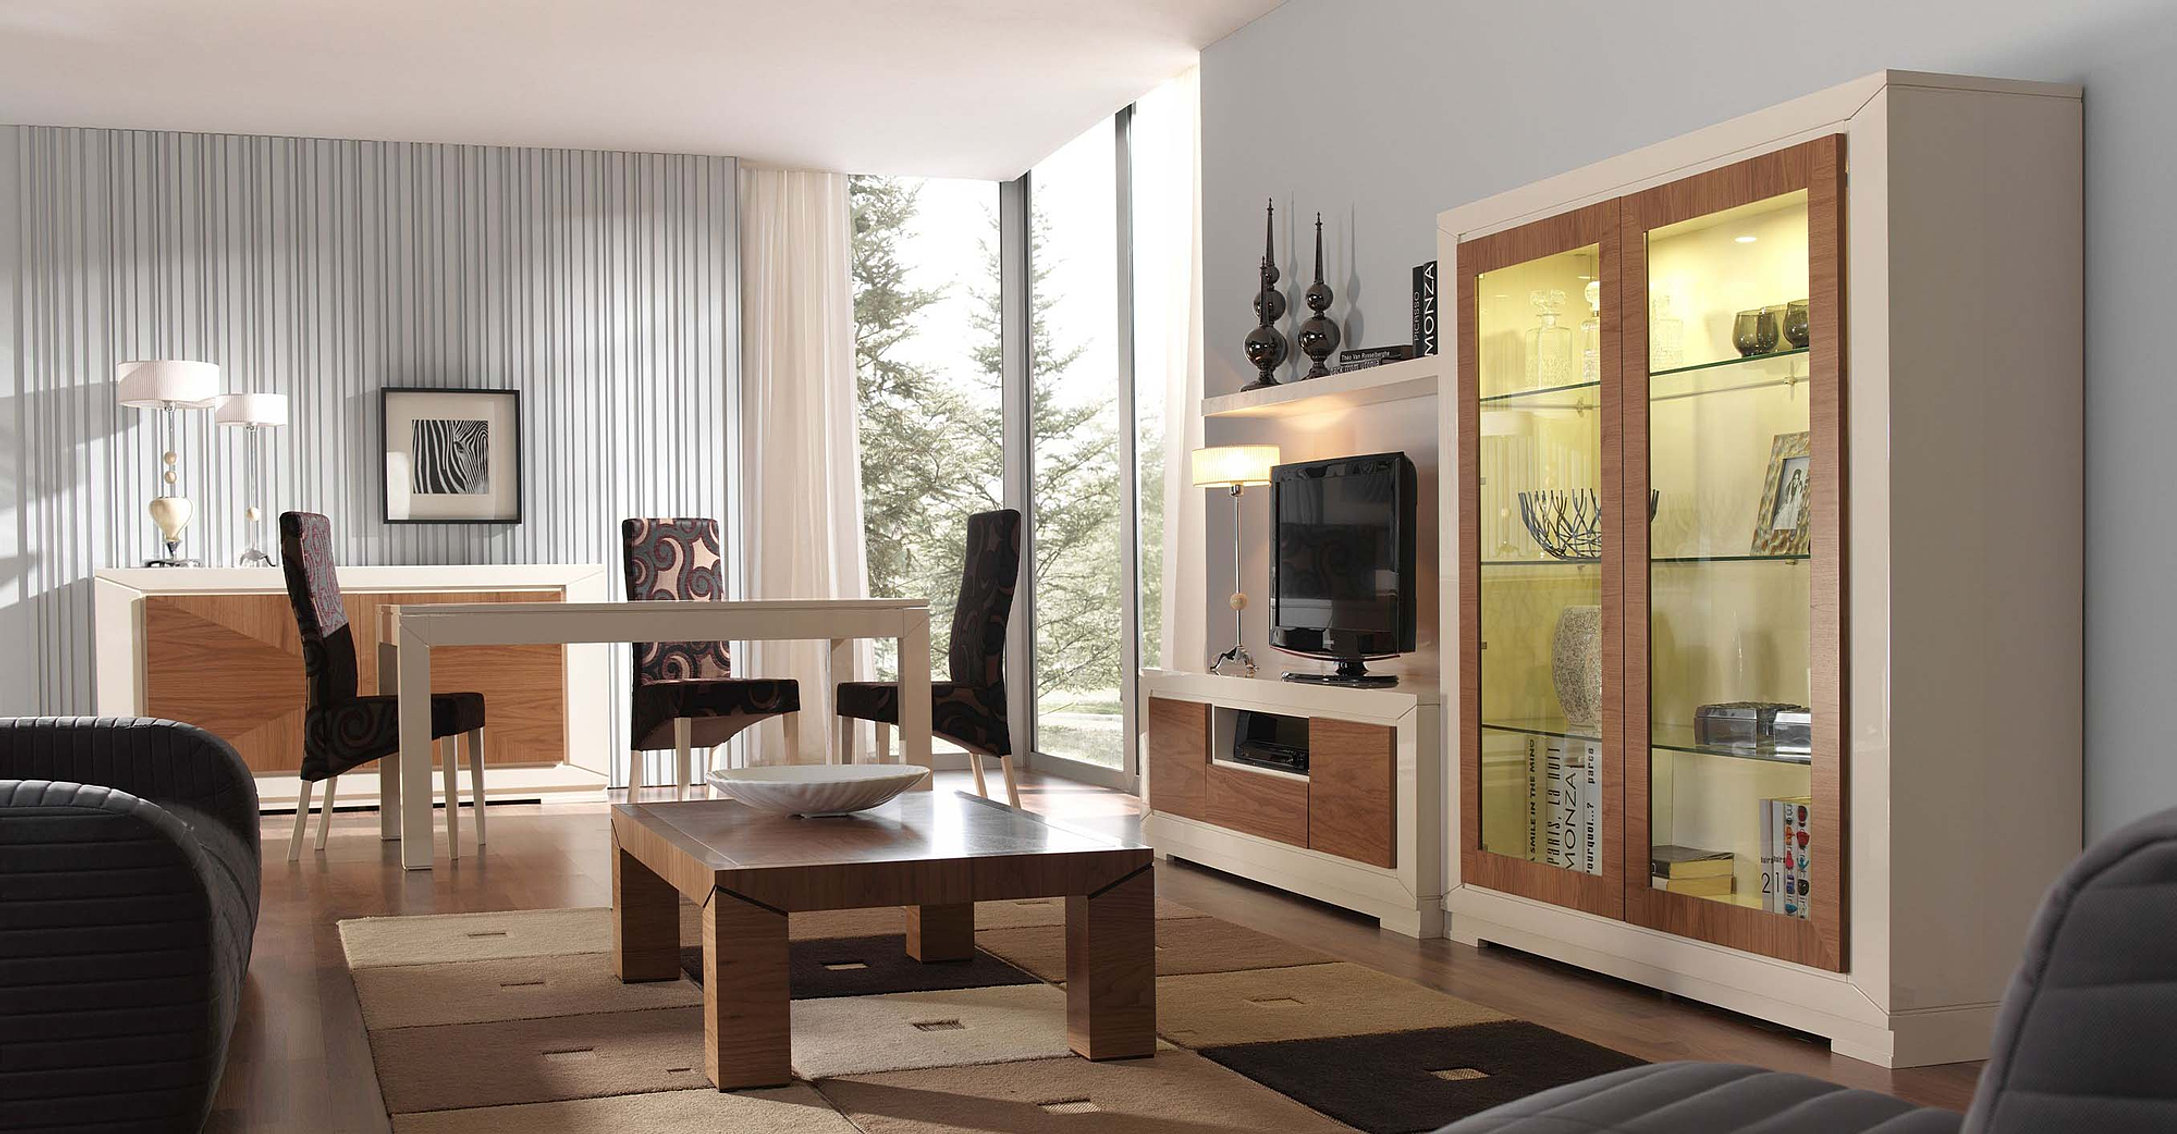 Muebles monen tienda de muebles en madrid Muebles estilo contemporaneo moderno